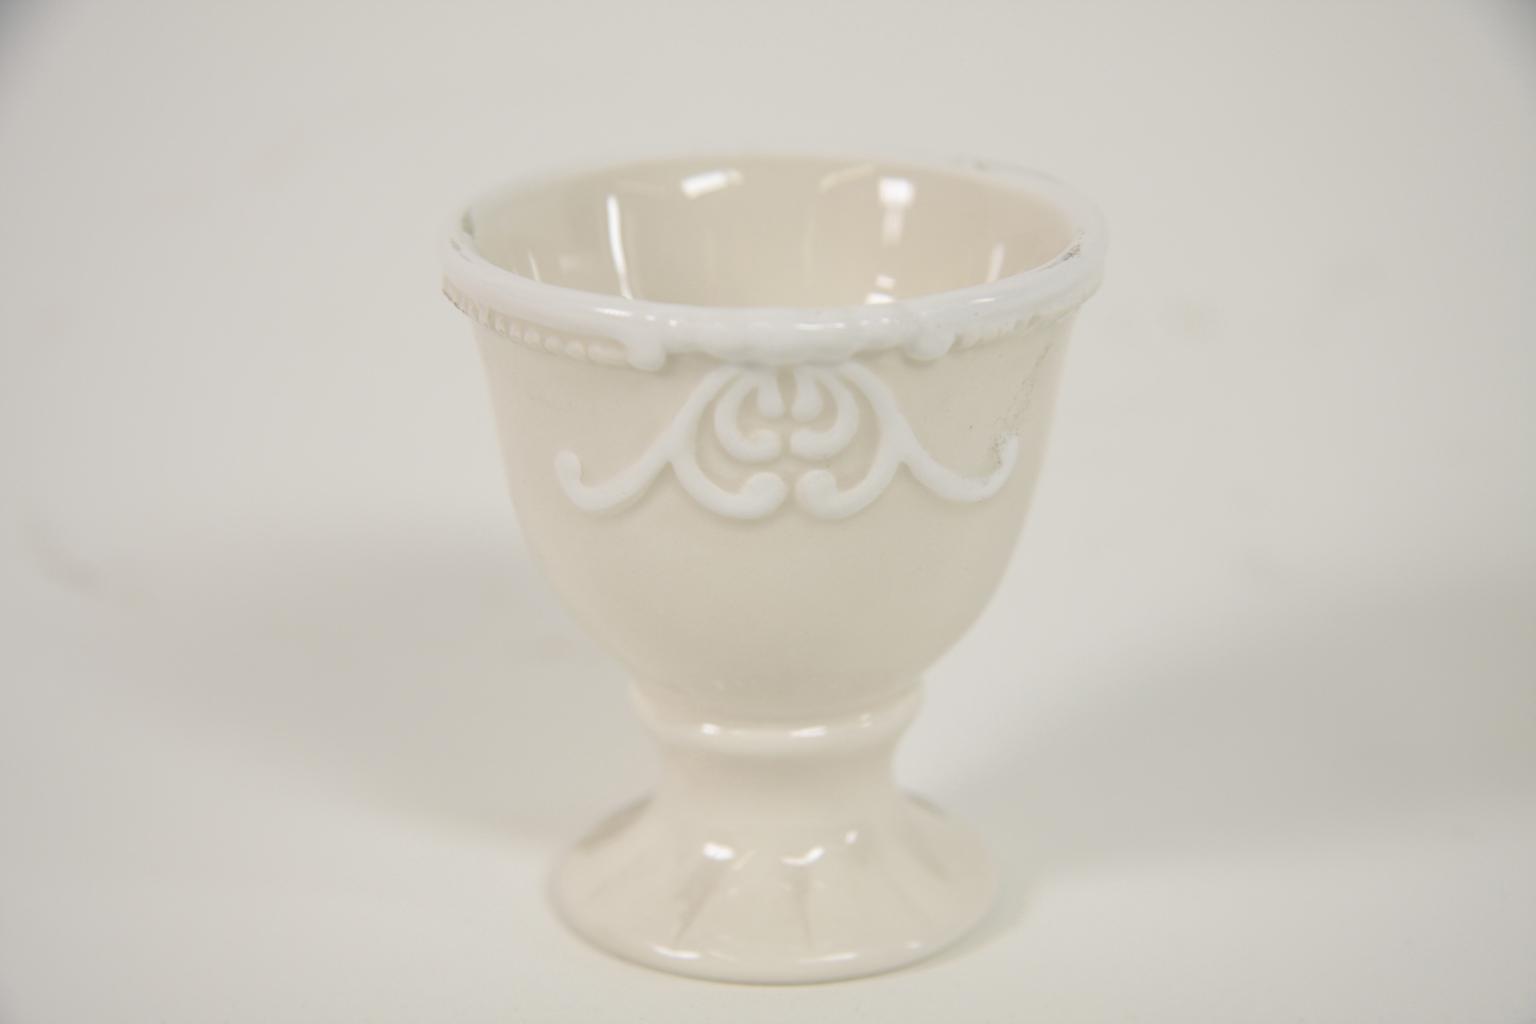 Eggcup ceramic